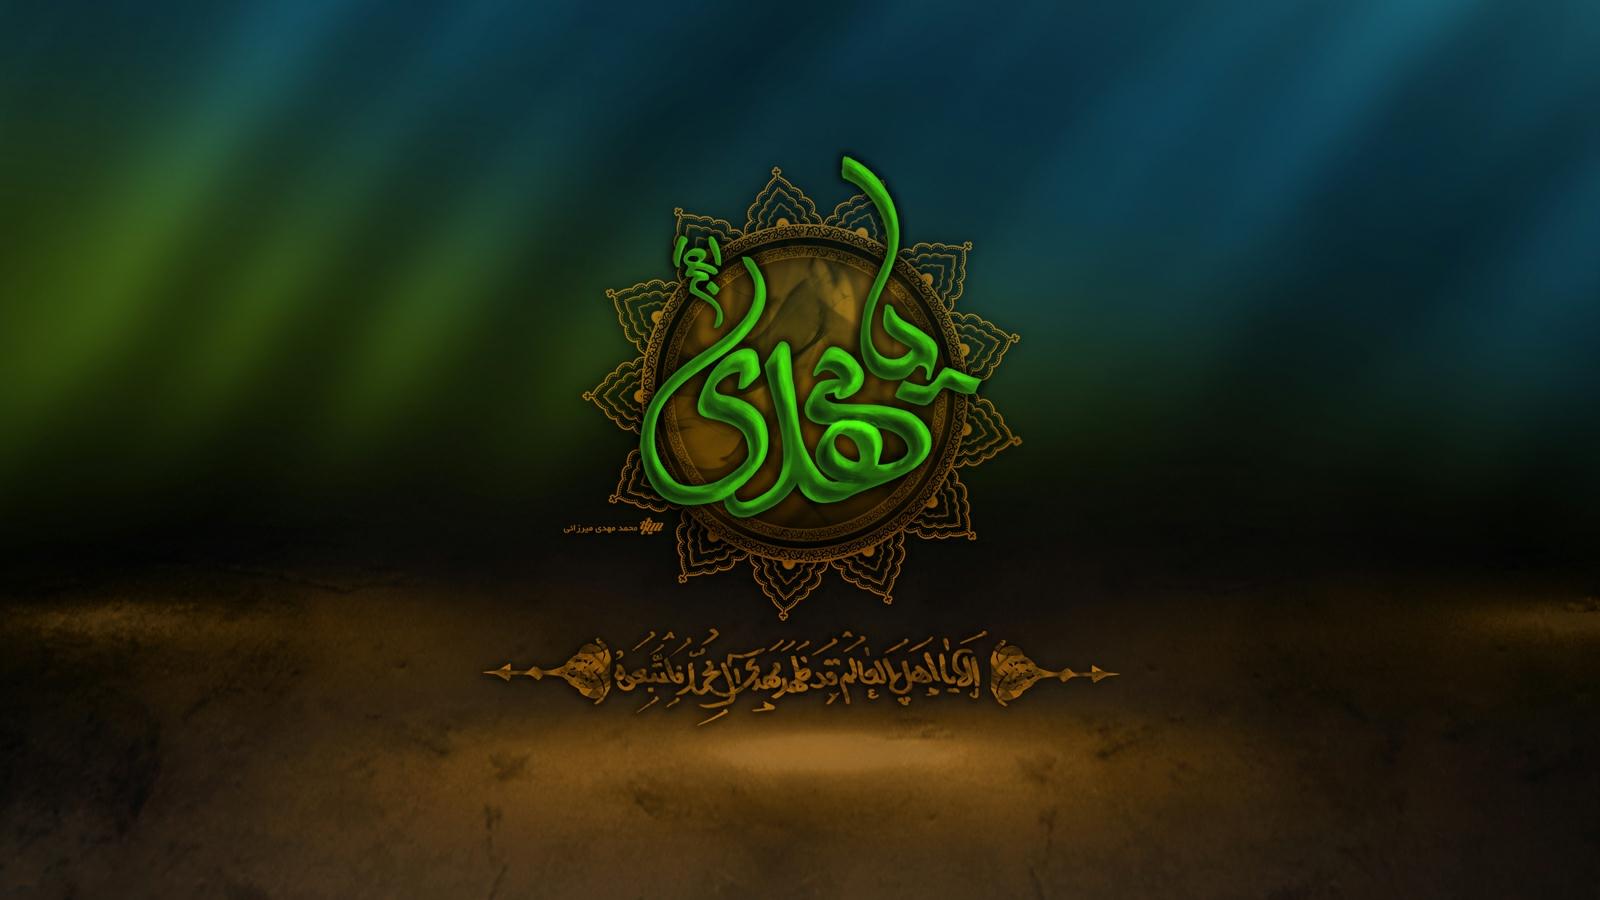 mahdi_aj_wallpaper_by_mahdigraph__wwwshiapicsir_20100809_1772585991